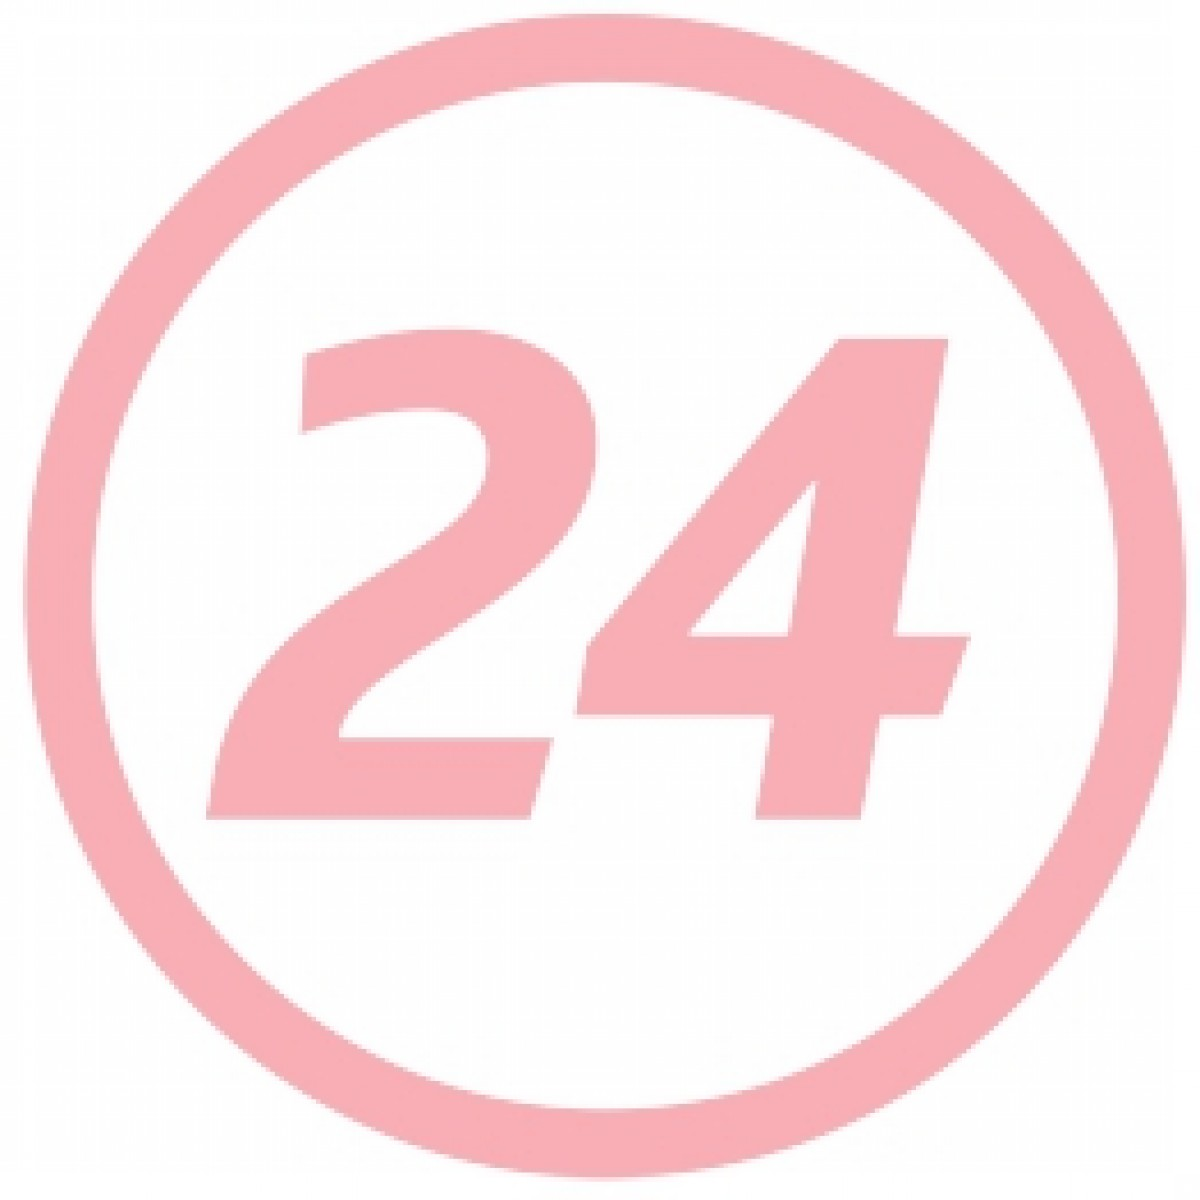 Hartmann Molicare Premium Mobile Chilot Adulti pentru Incontinenta Severa Marimea S, Scutece Adulti, 14buc